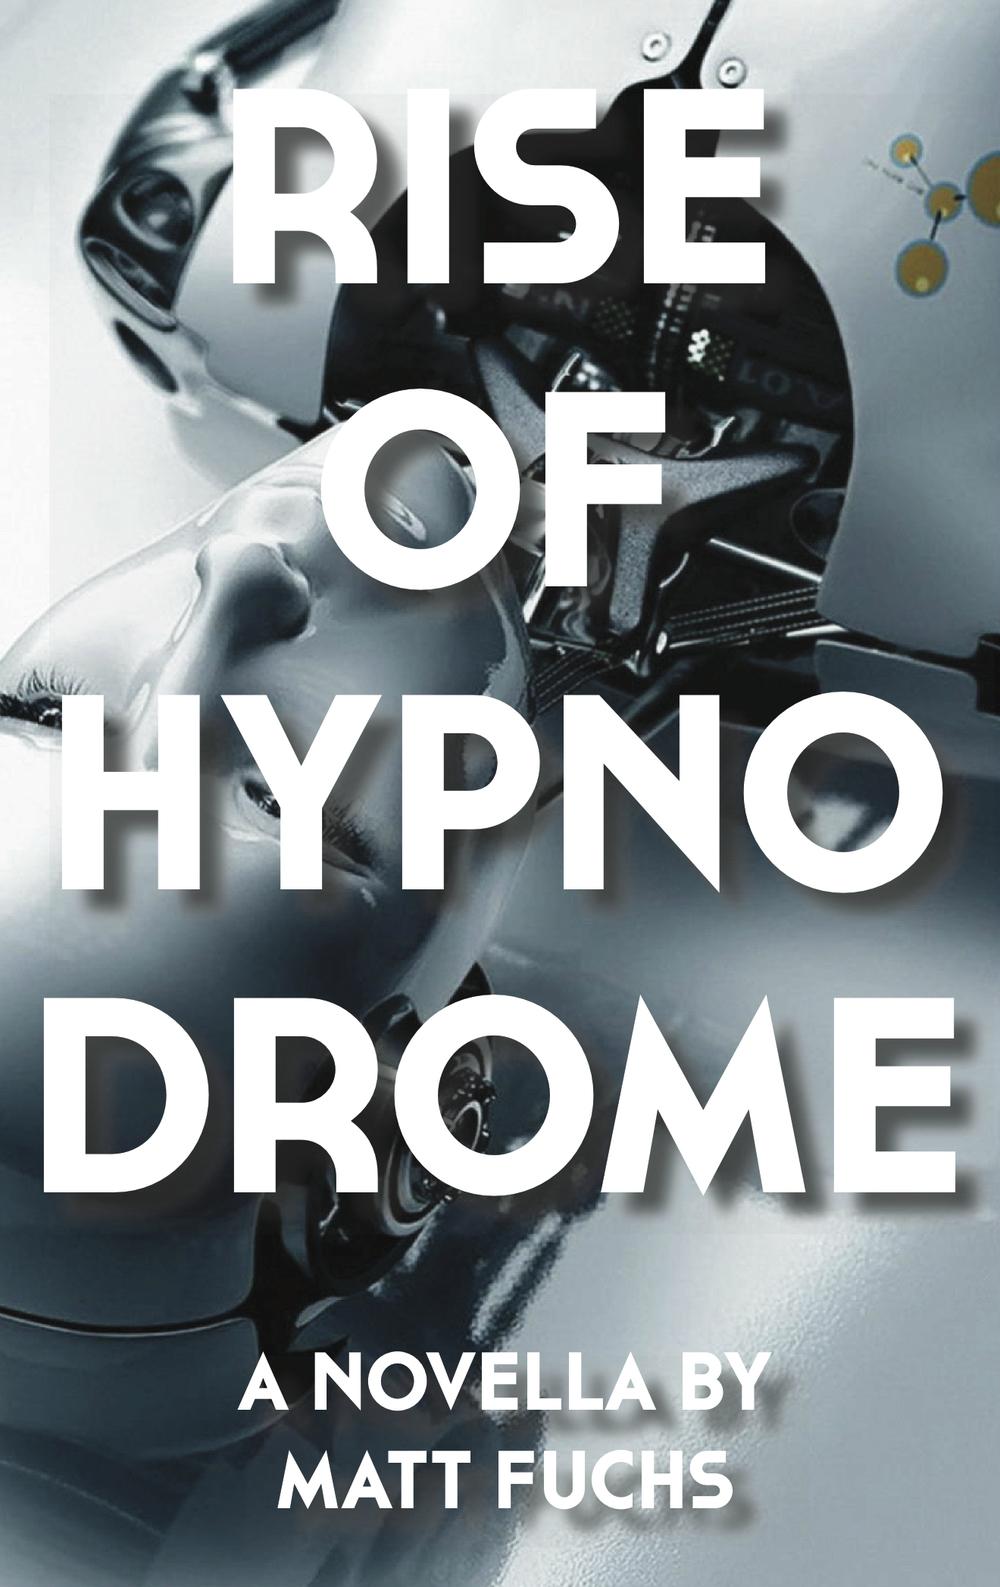 HypnodromeCover.jpg